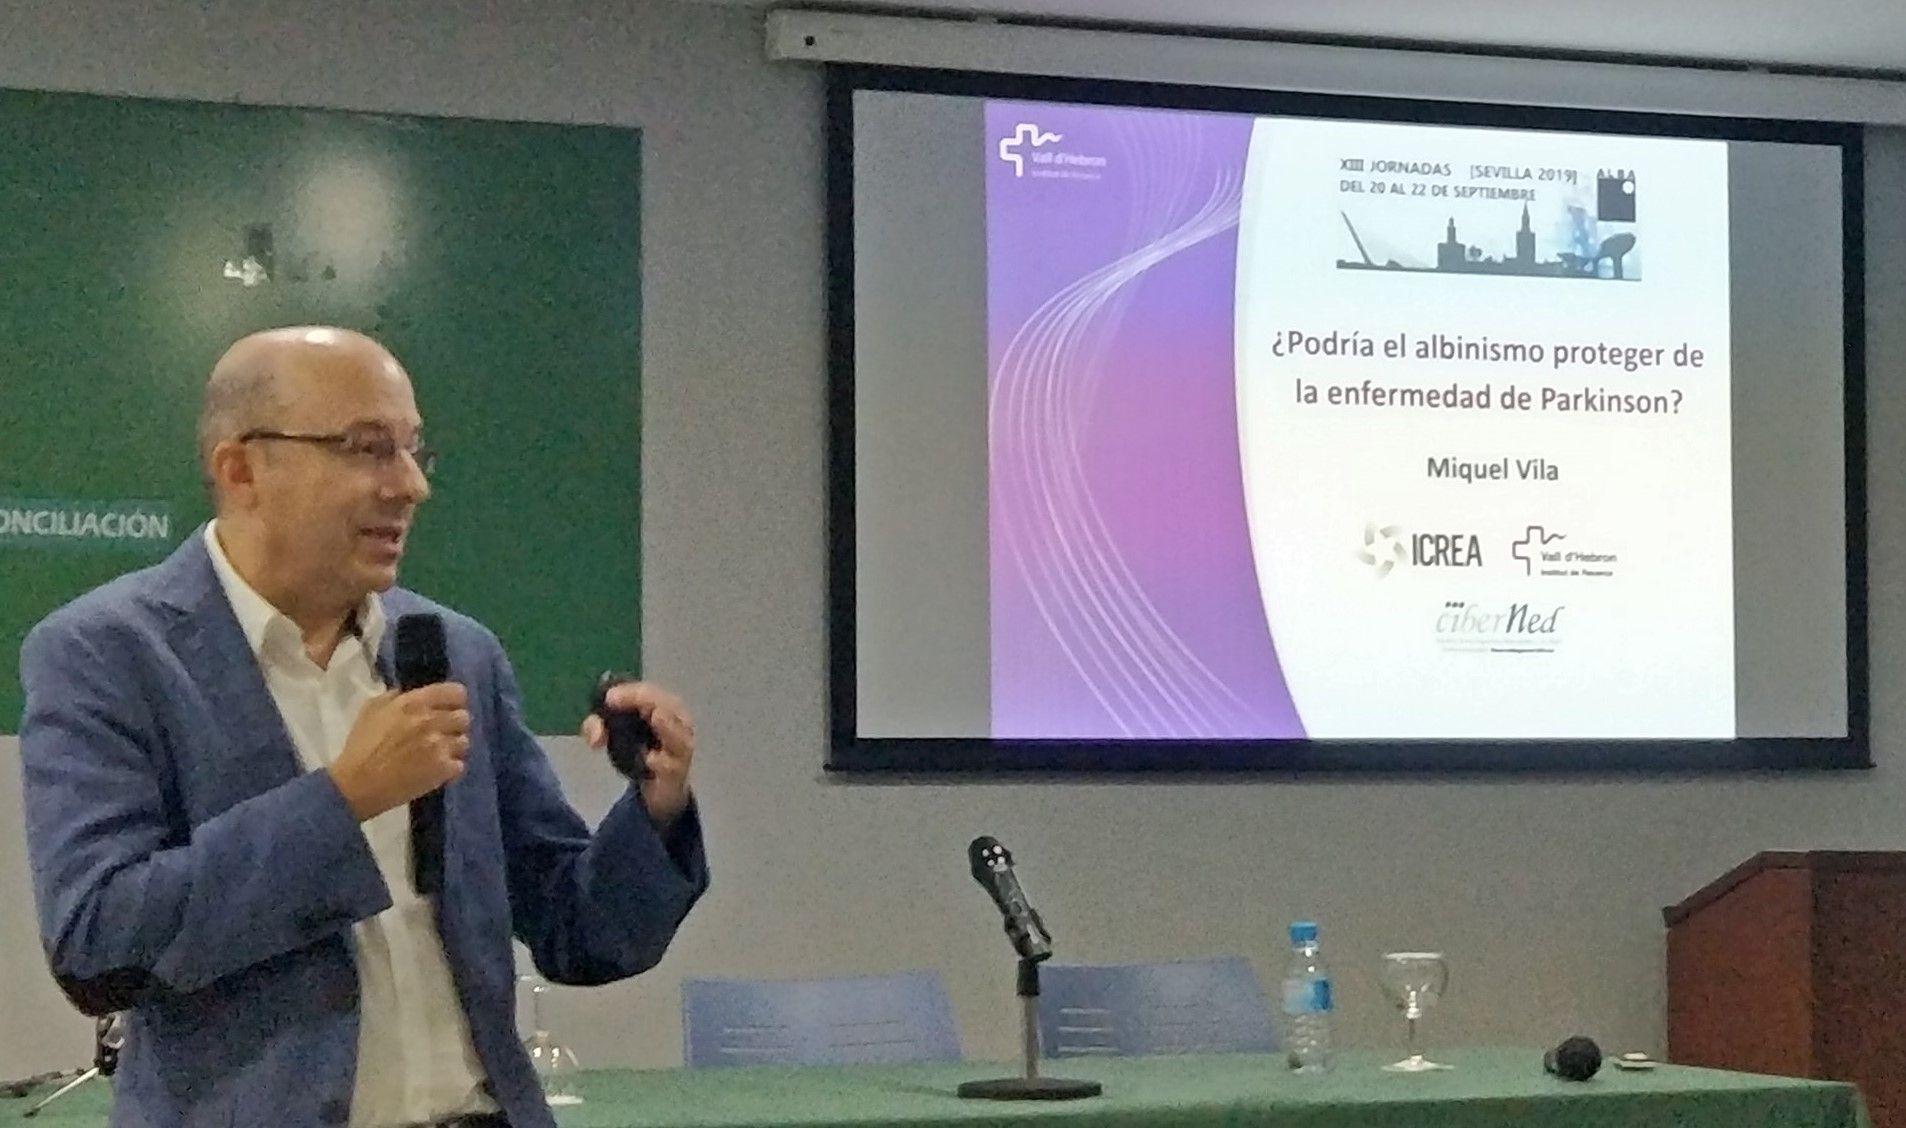 Conferencia del Dr. Miquel Vila